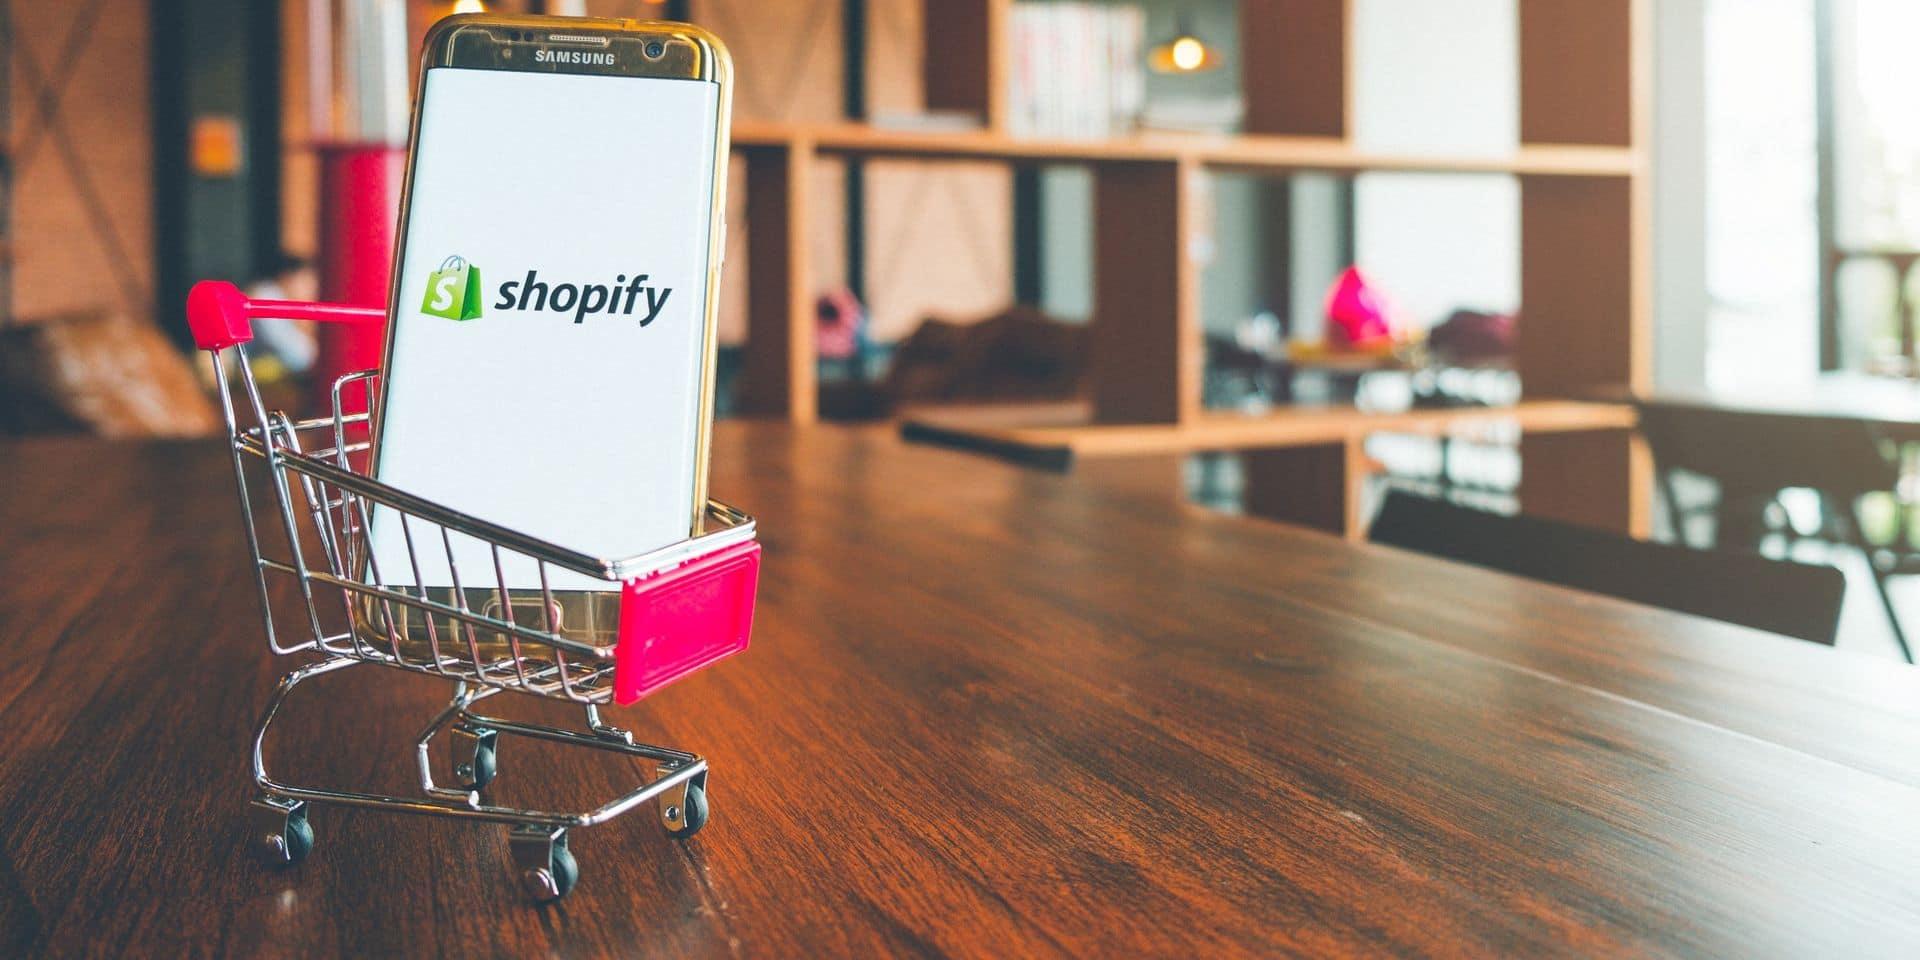 En pleine épidémie, Shopify, l'anti-Amazon, affiche une santé éclatante